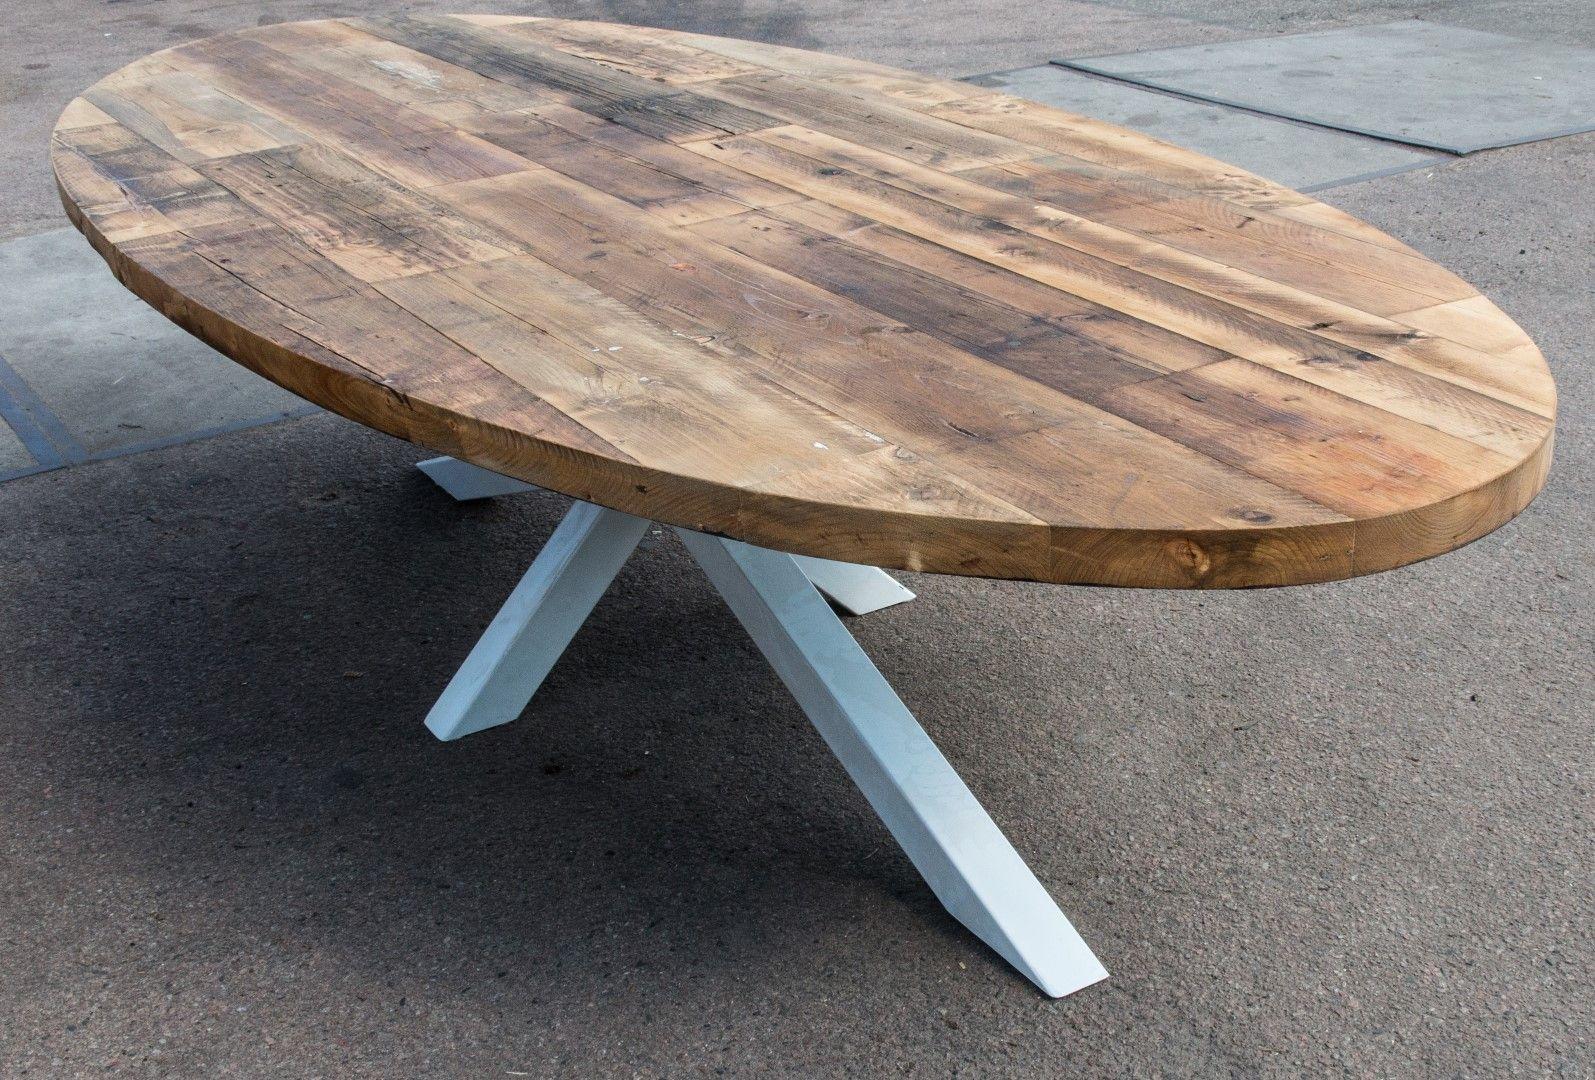 Robuuste Industriele Tafels.Industriele Robuuste Ovale Eettafel By Woodindustries Jouw Online